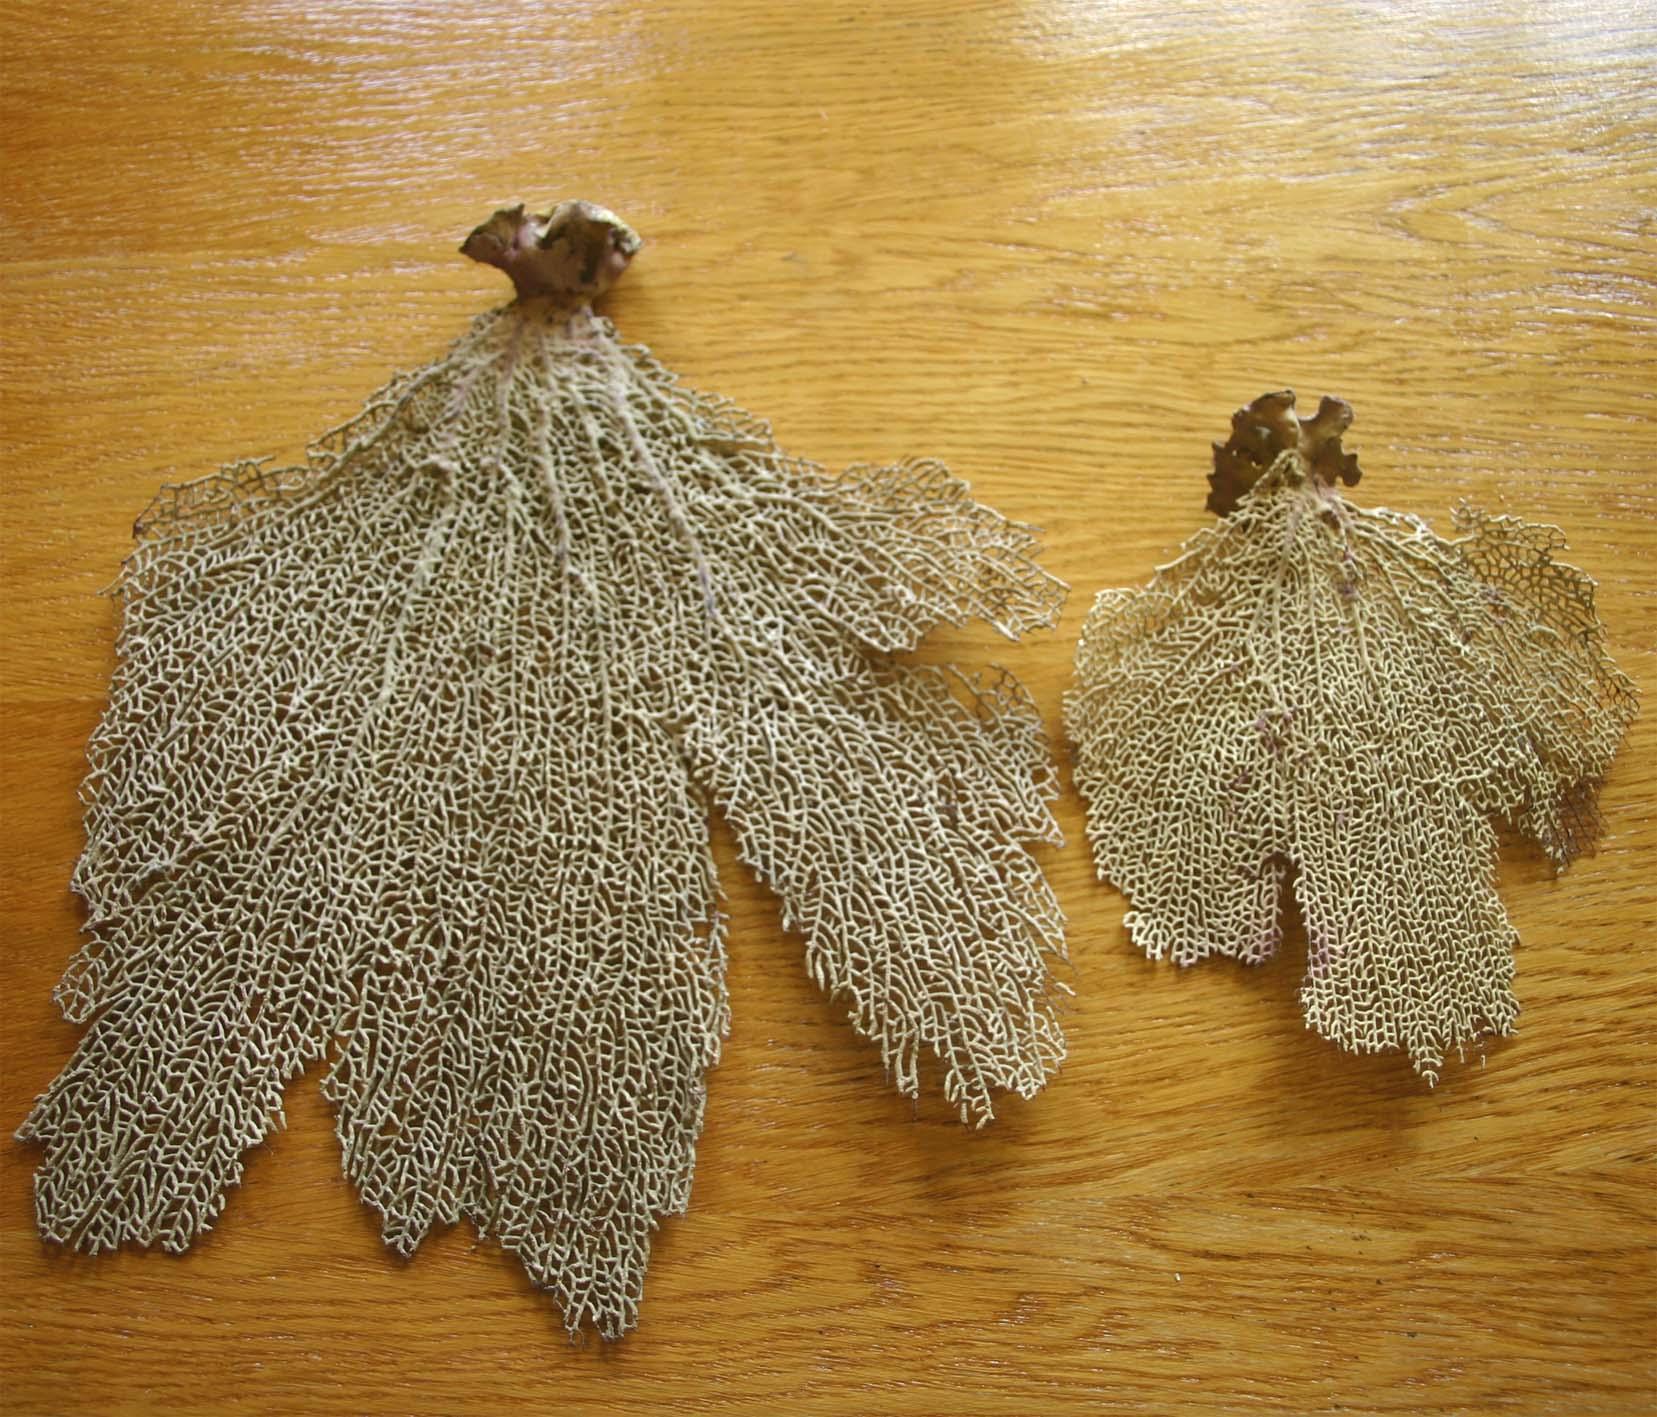 Коралл 10, тип Gorgonia flabellum